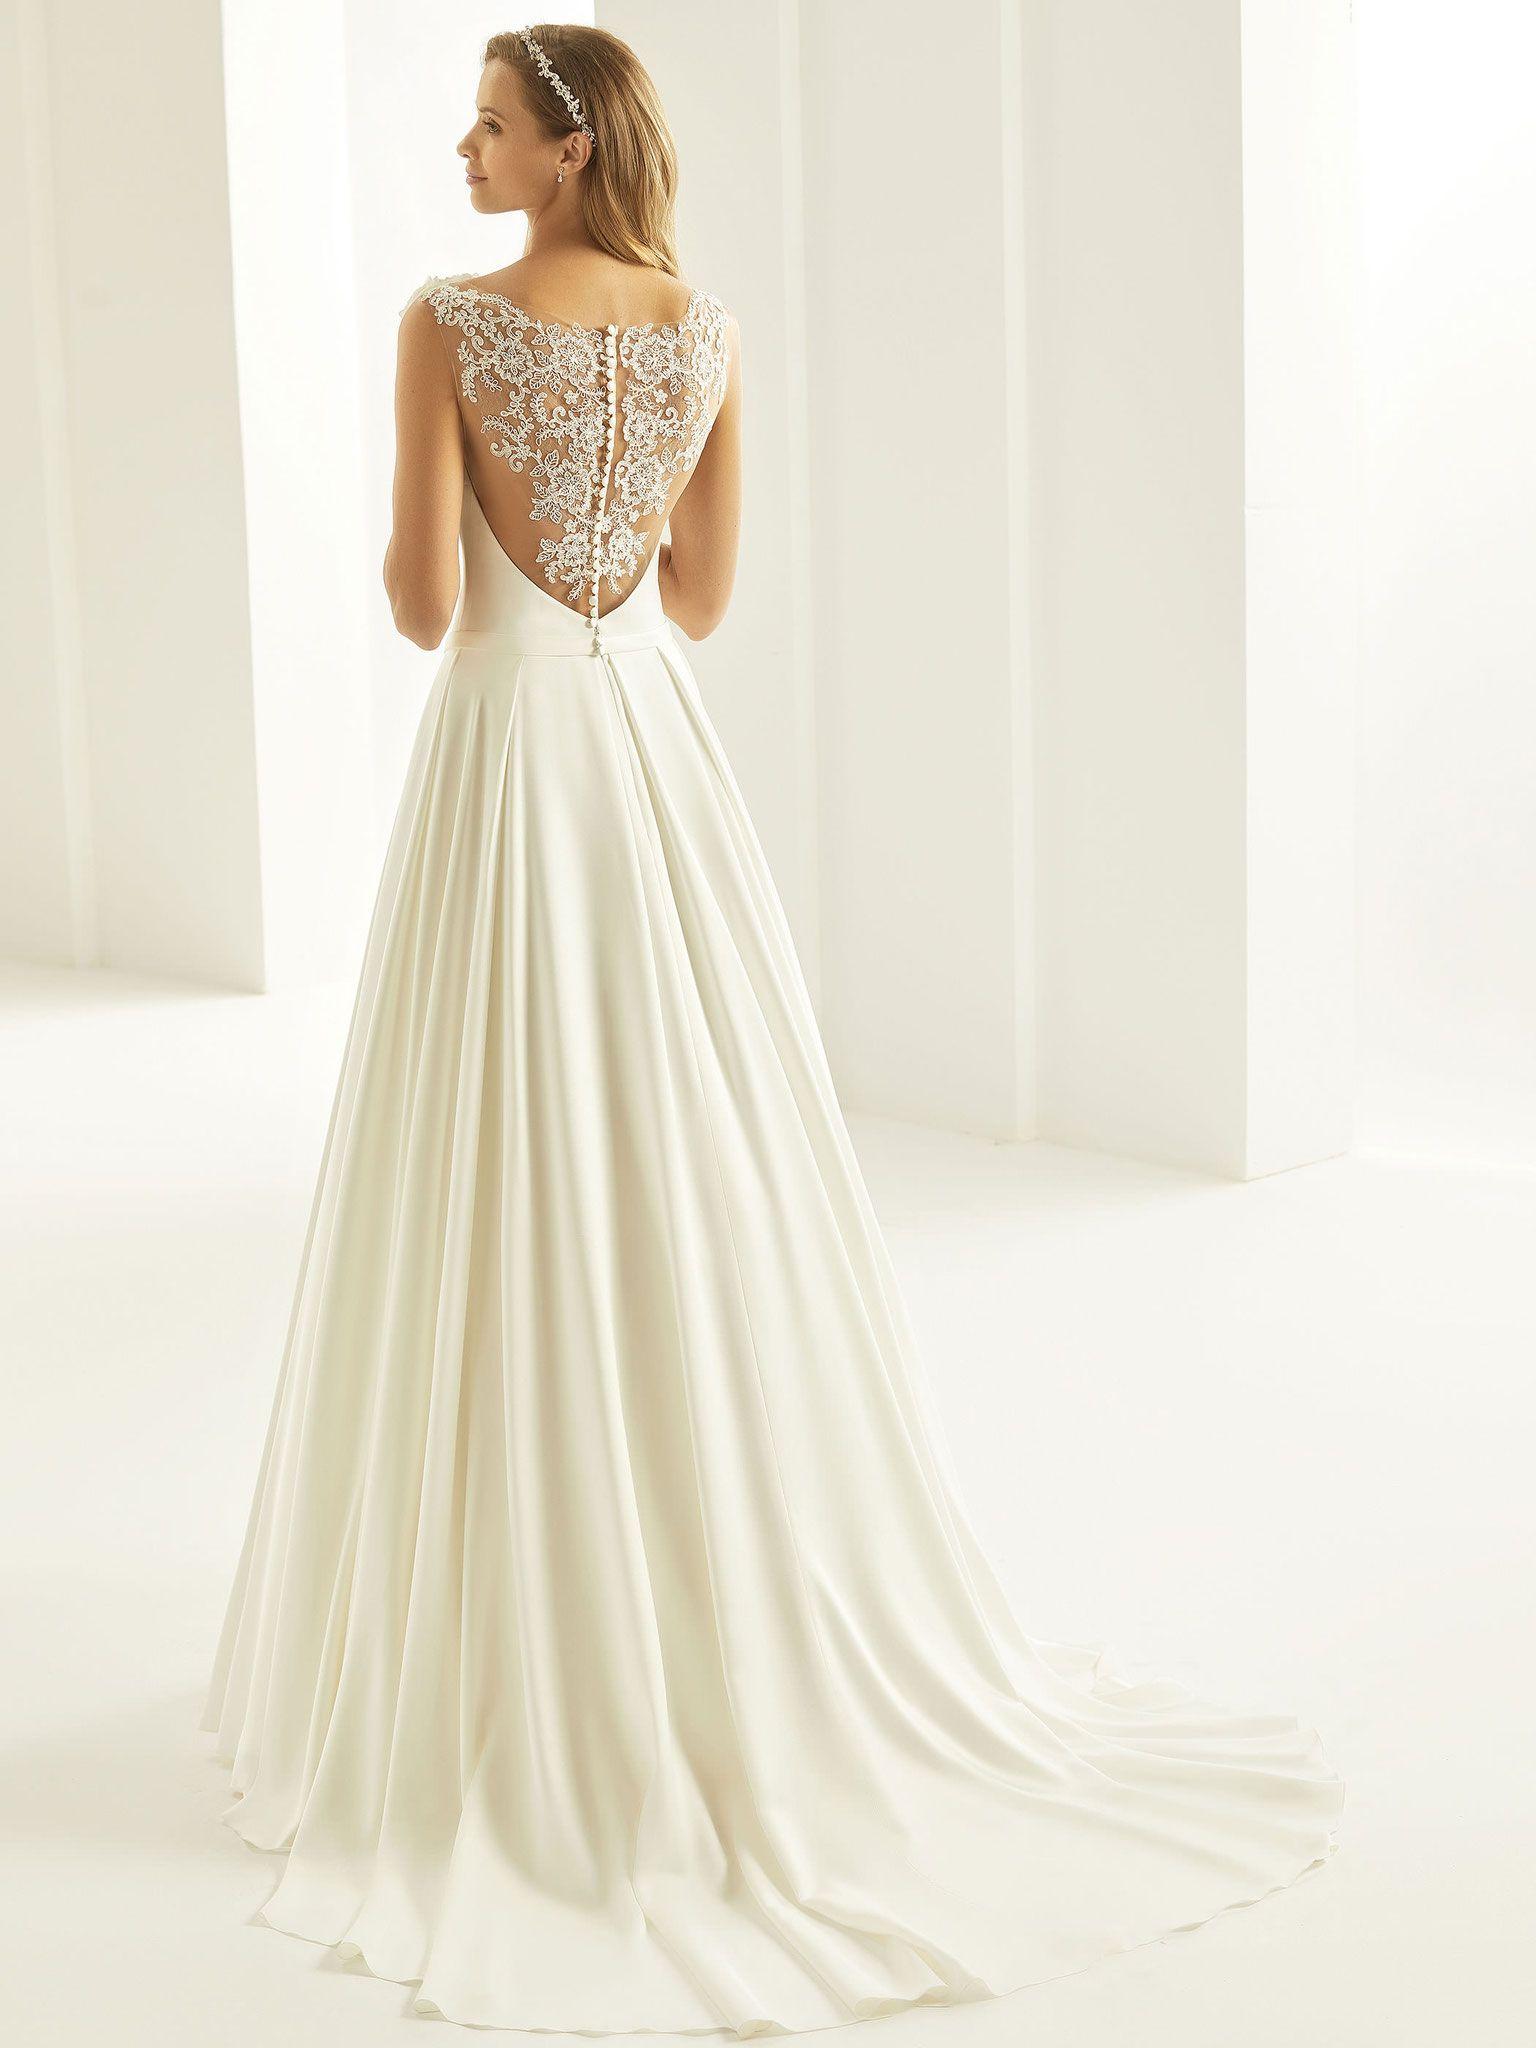 A-Linie Brautkleid aus hochwertiger Spitze und Satin. Bianco